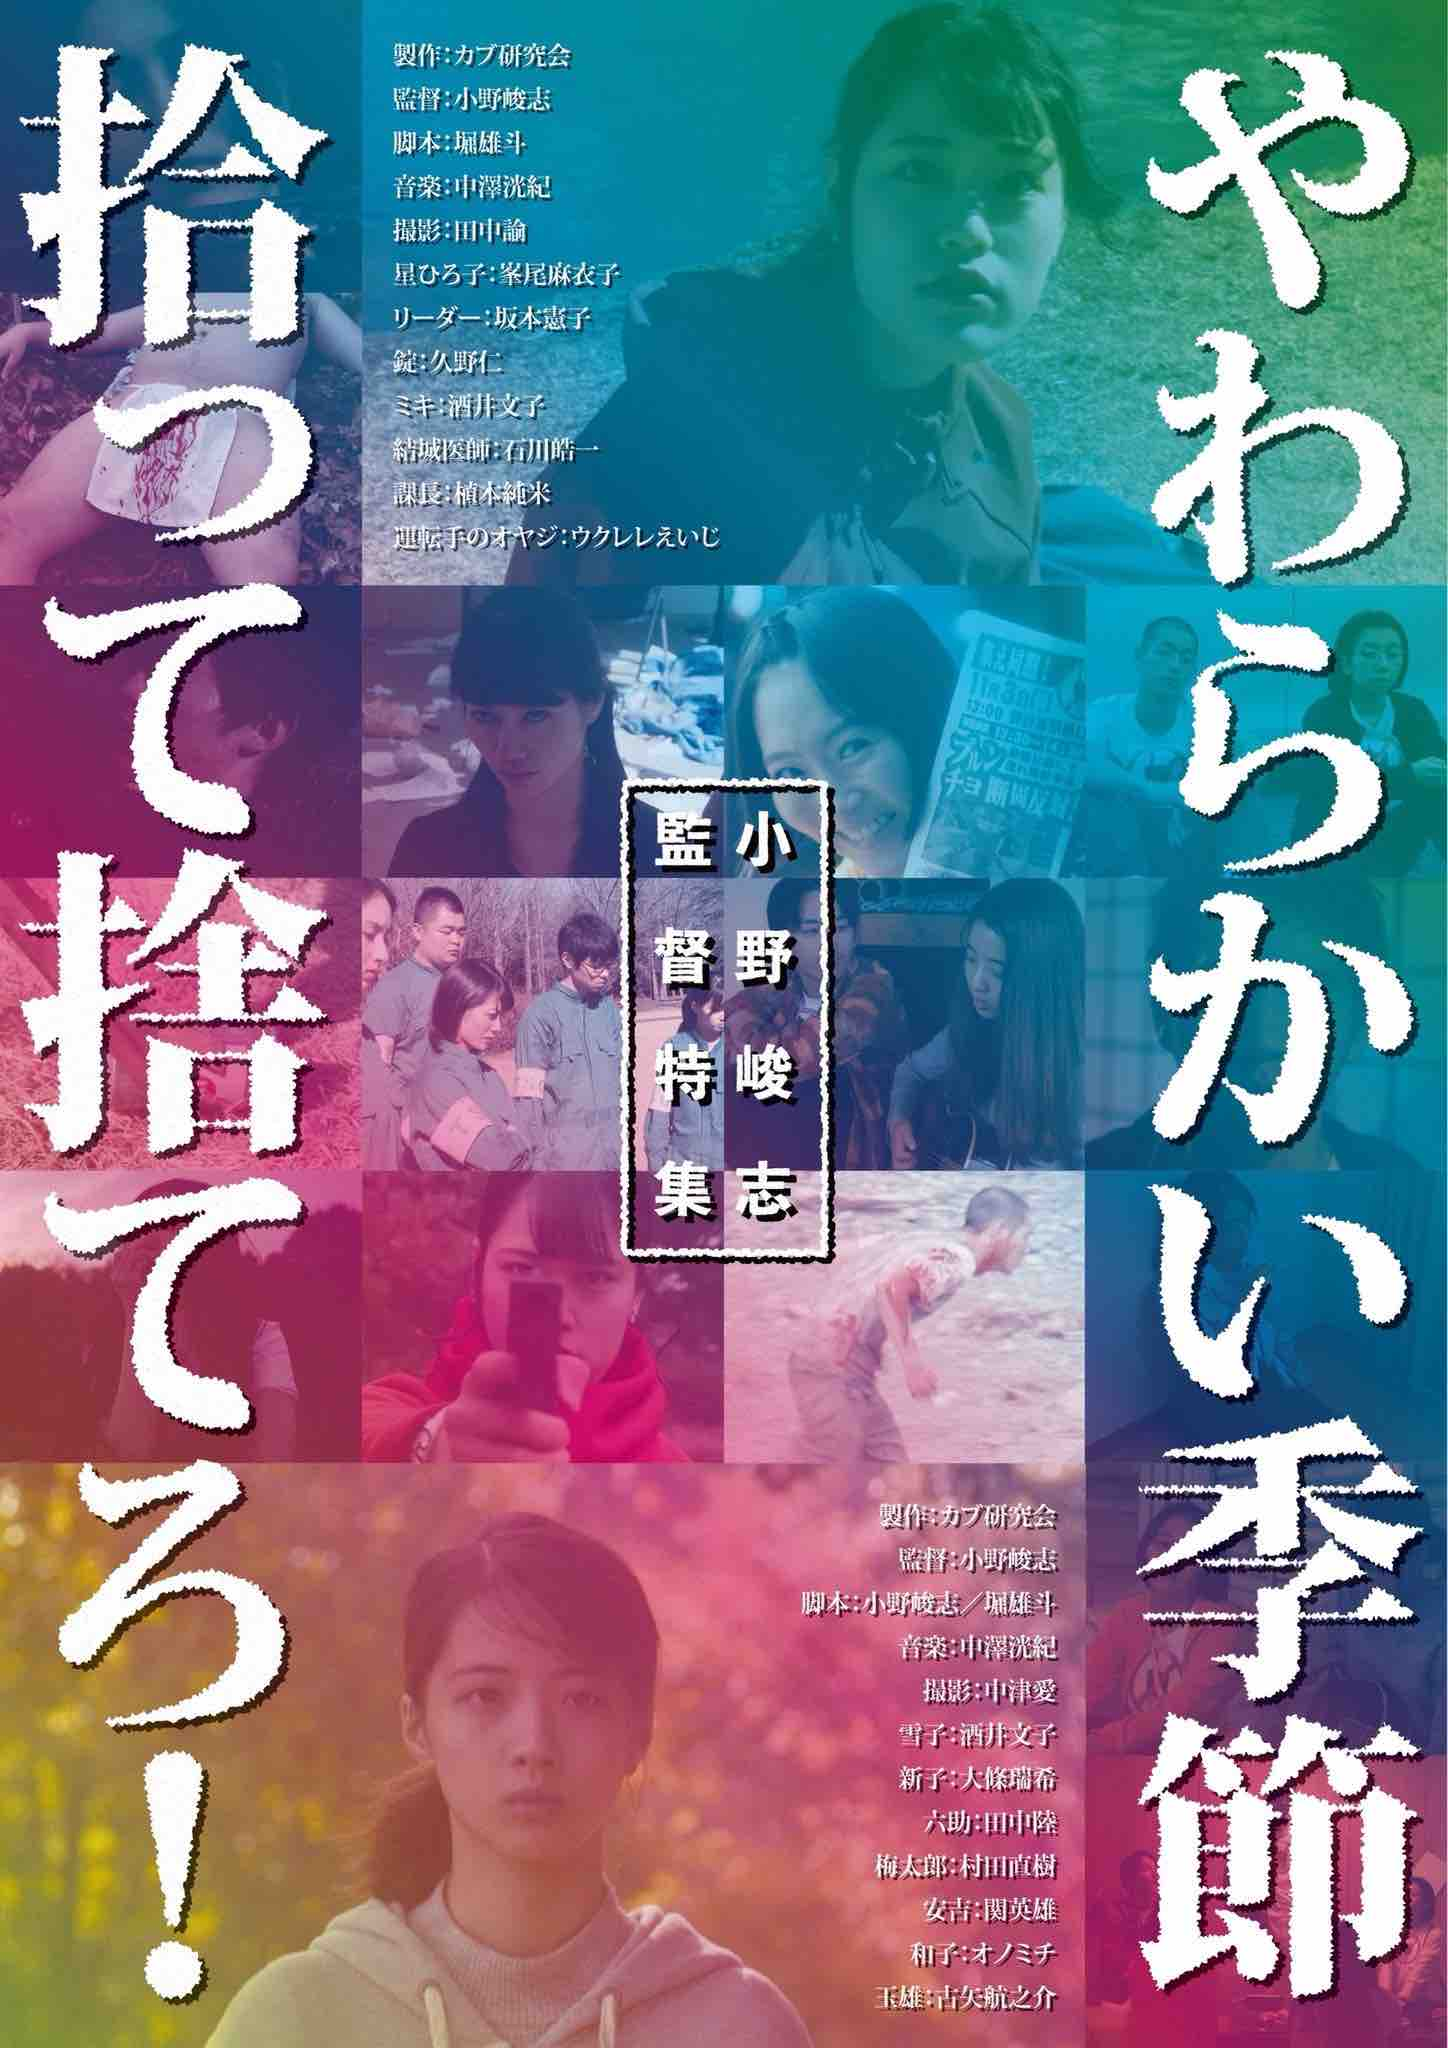 映画「やわらかい季節」和子役で在籍生オノミチさん出演